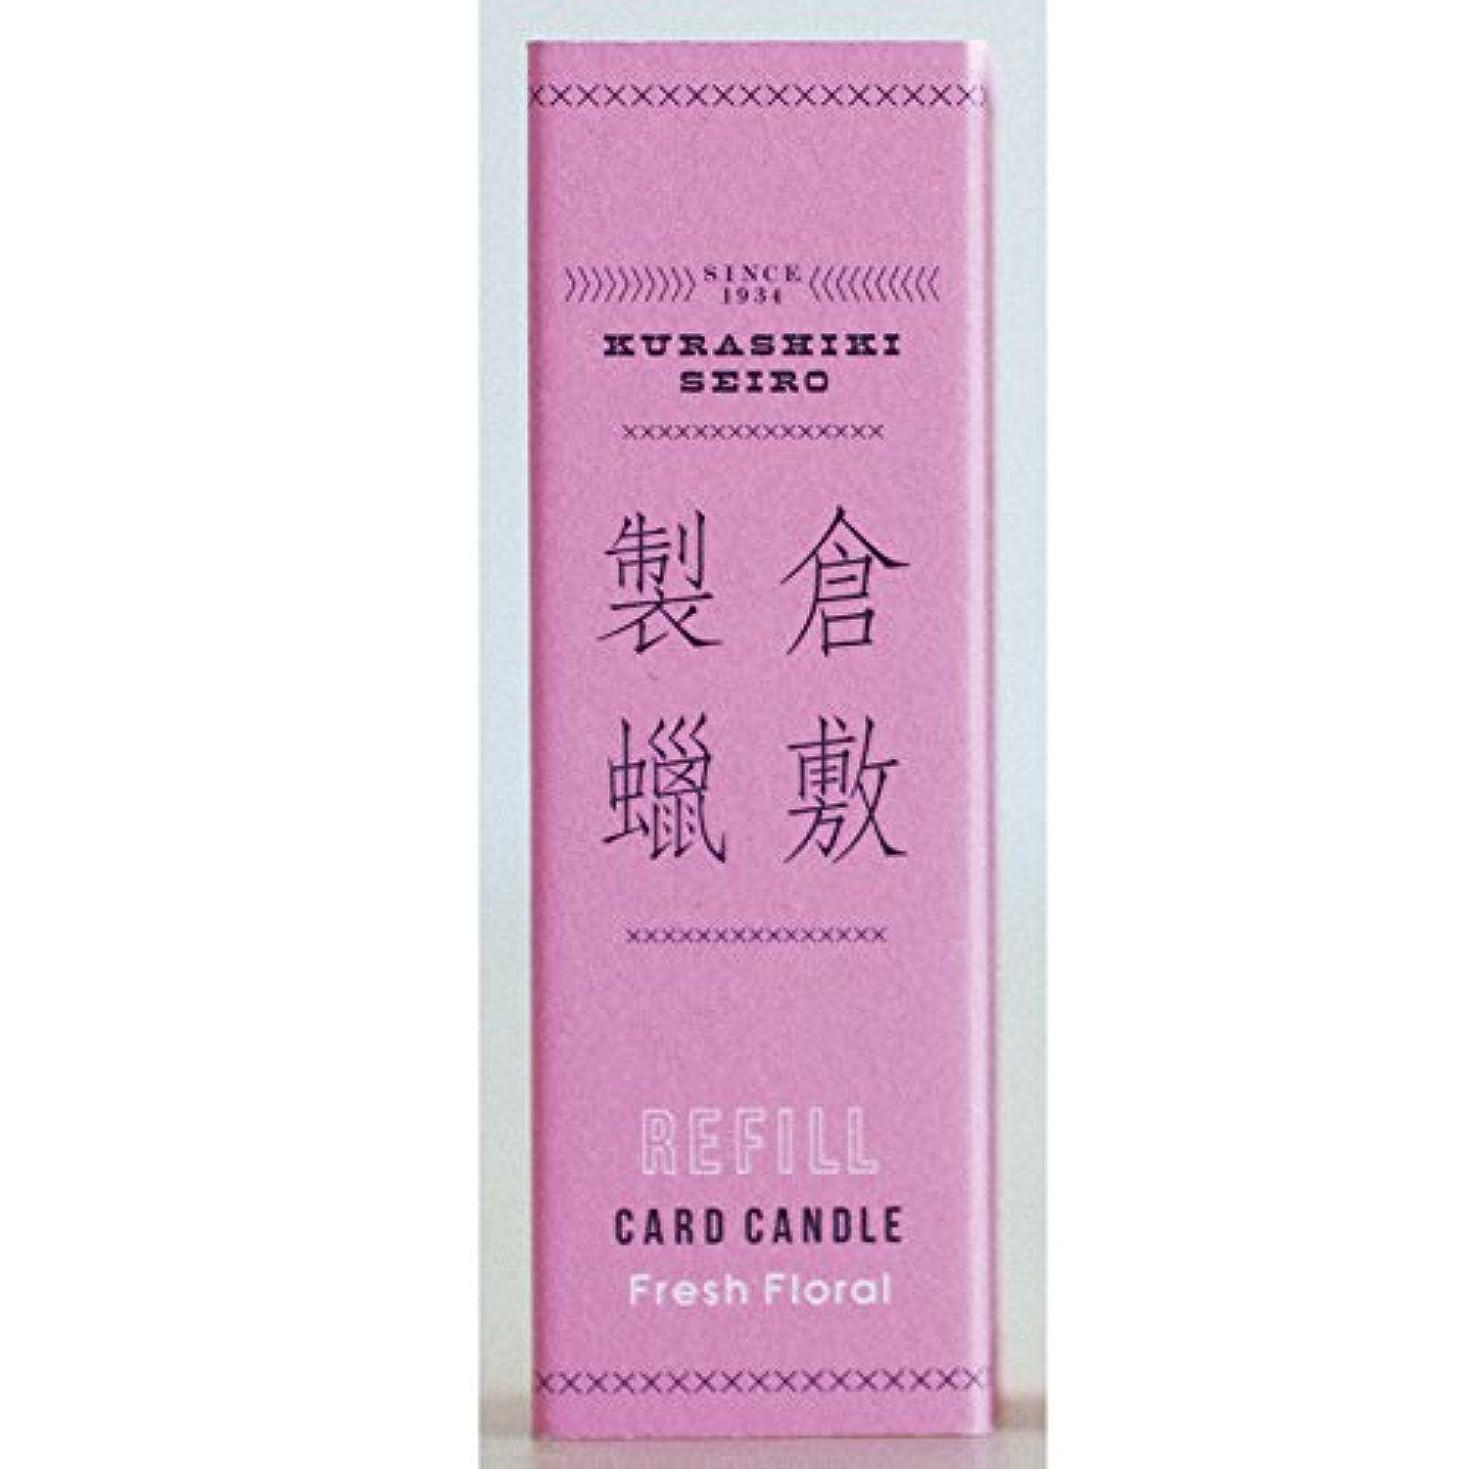 ロードブロッキングトイレ代わりの倉敷製蝋 CARD CANDLE REFILL (Fresh Floral)